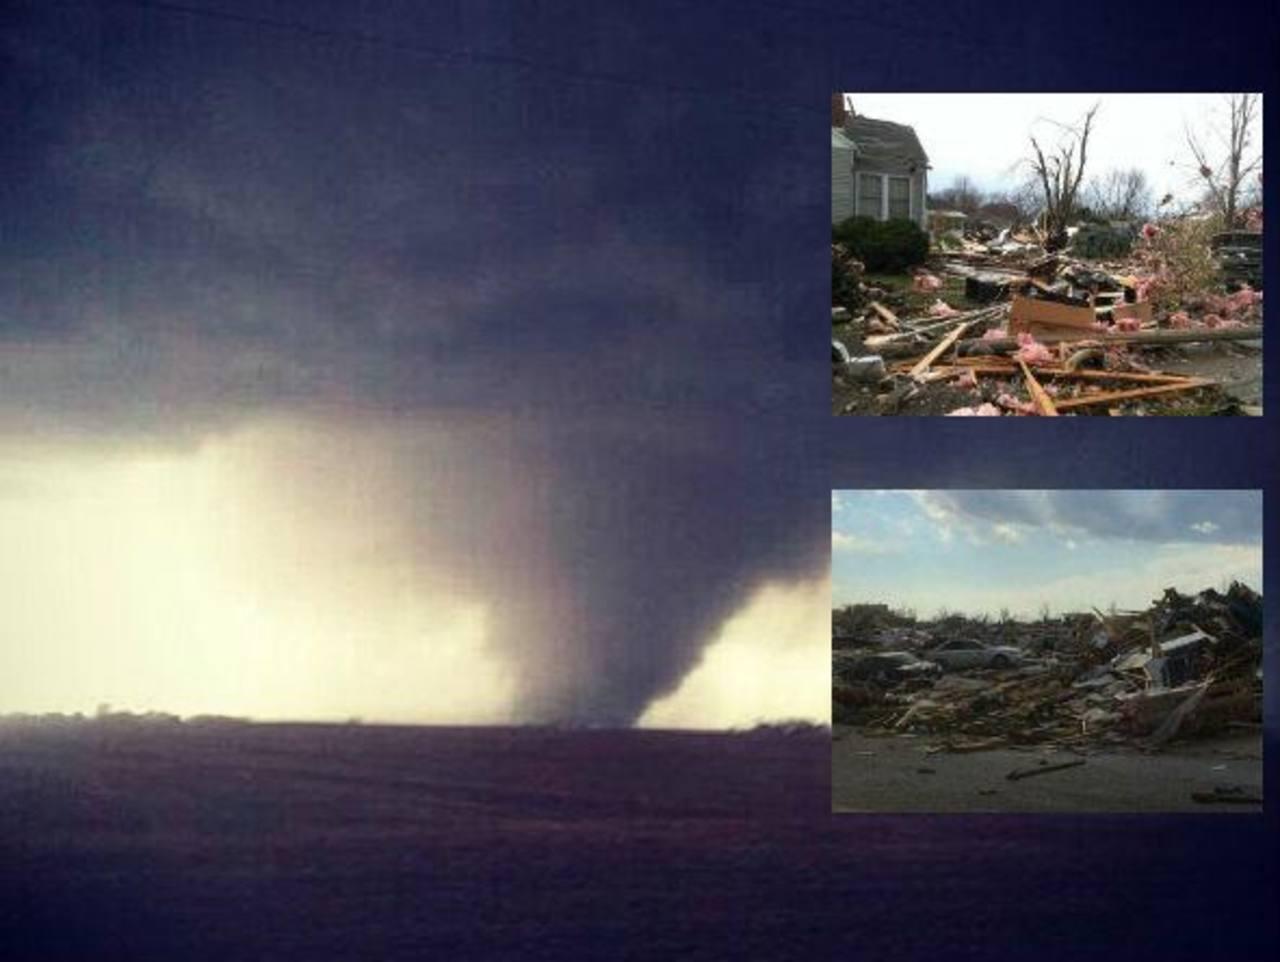 Potente tornado deja severos daños en Illinois, EE.UU.